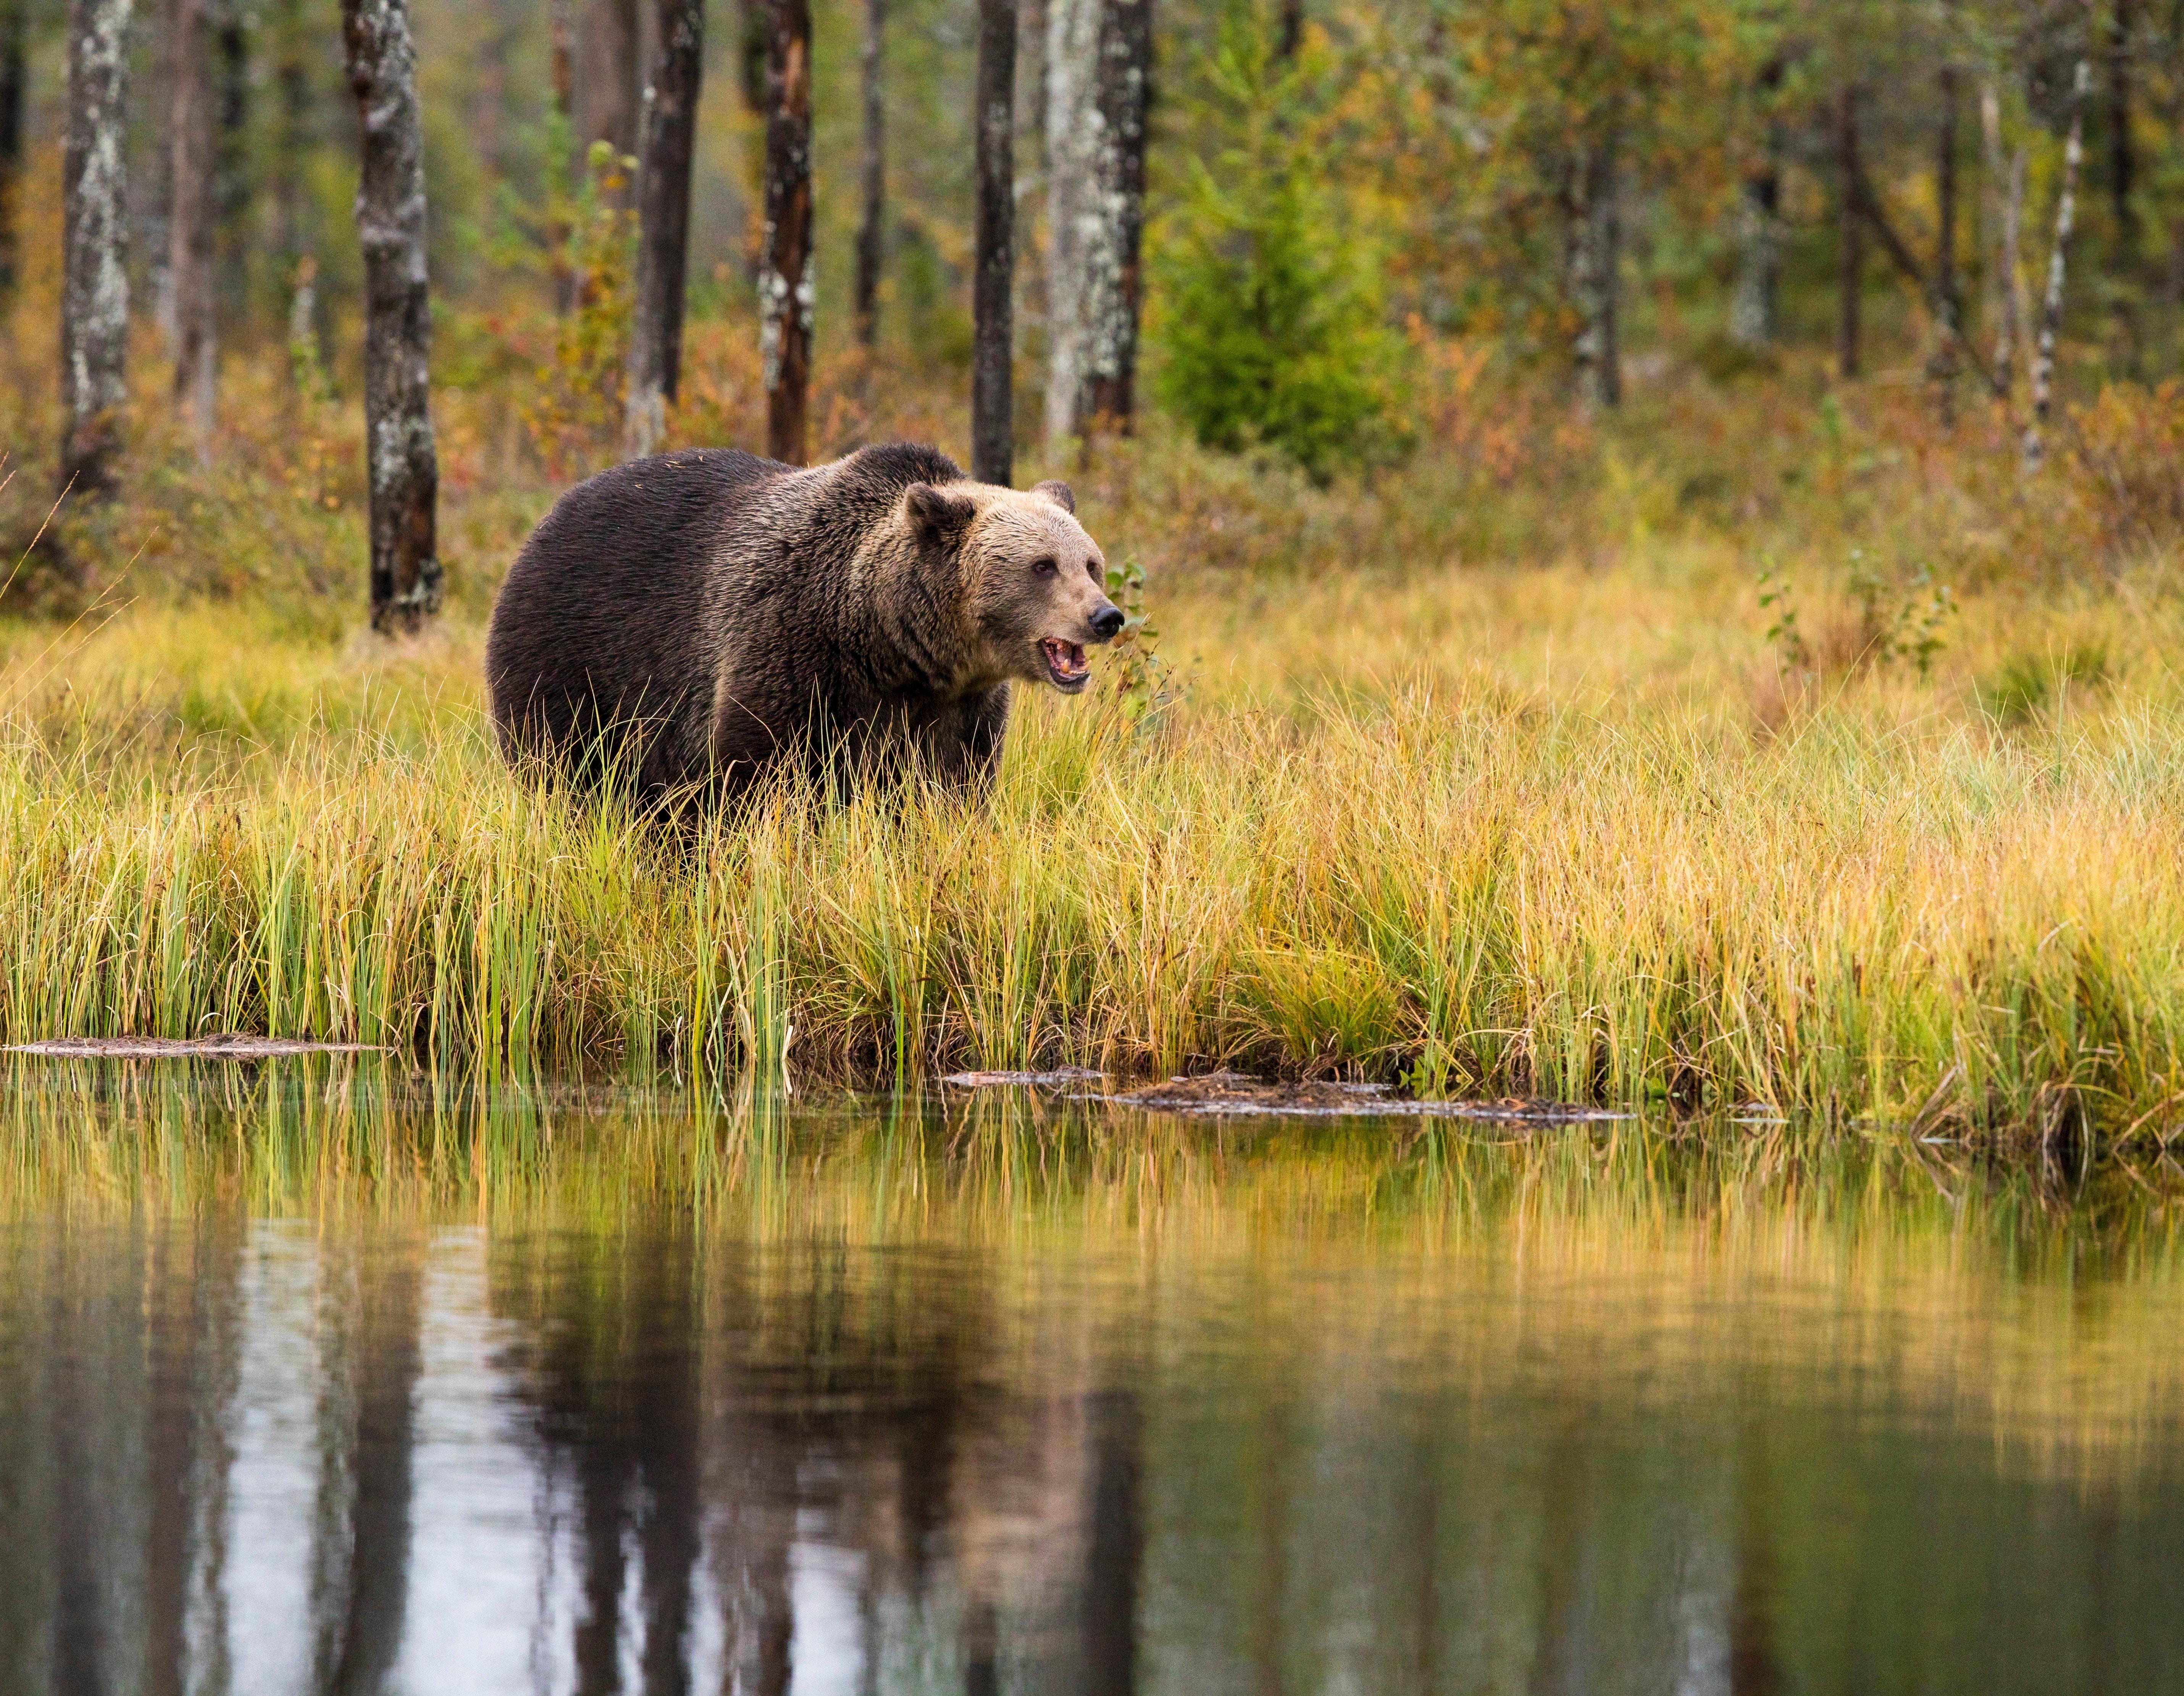 夢占いで熊が意味するサインは?熊が夢に出てきた夢の意味を解説